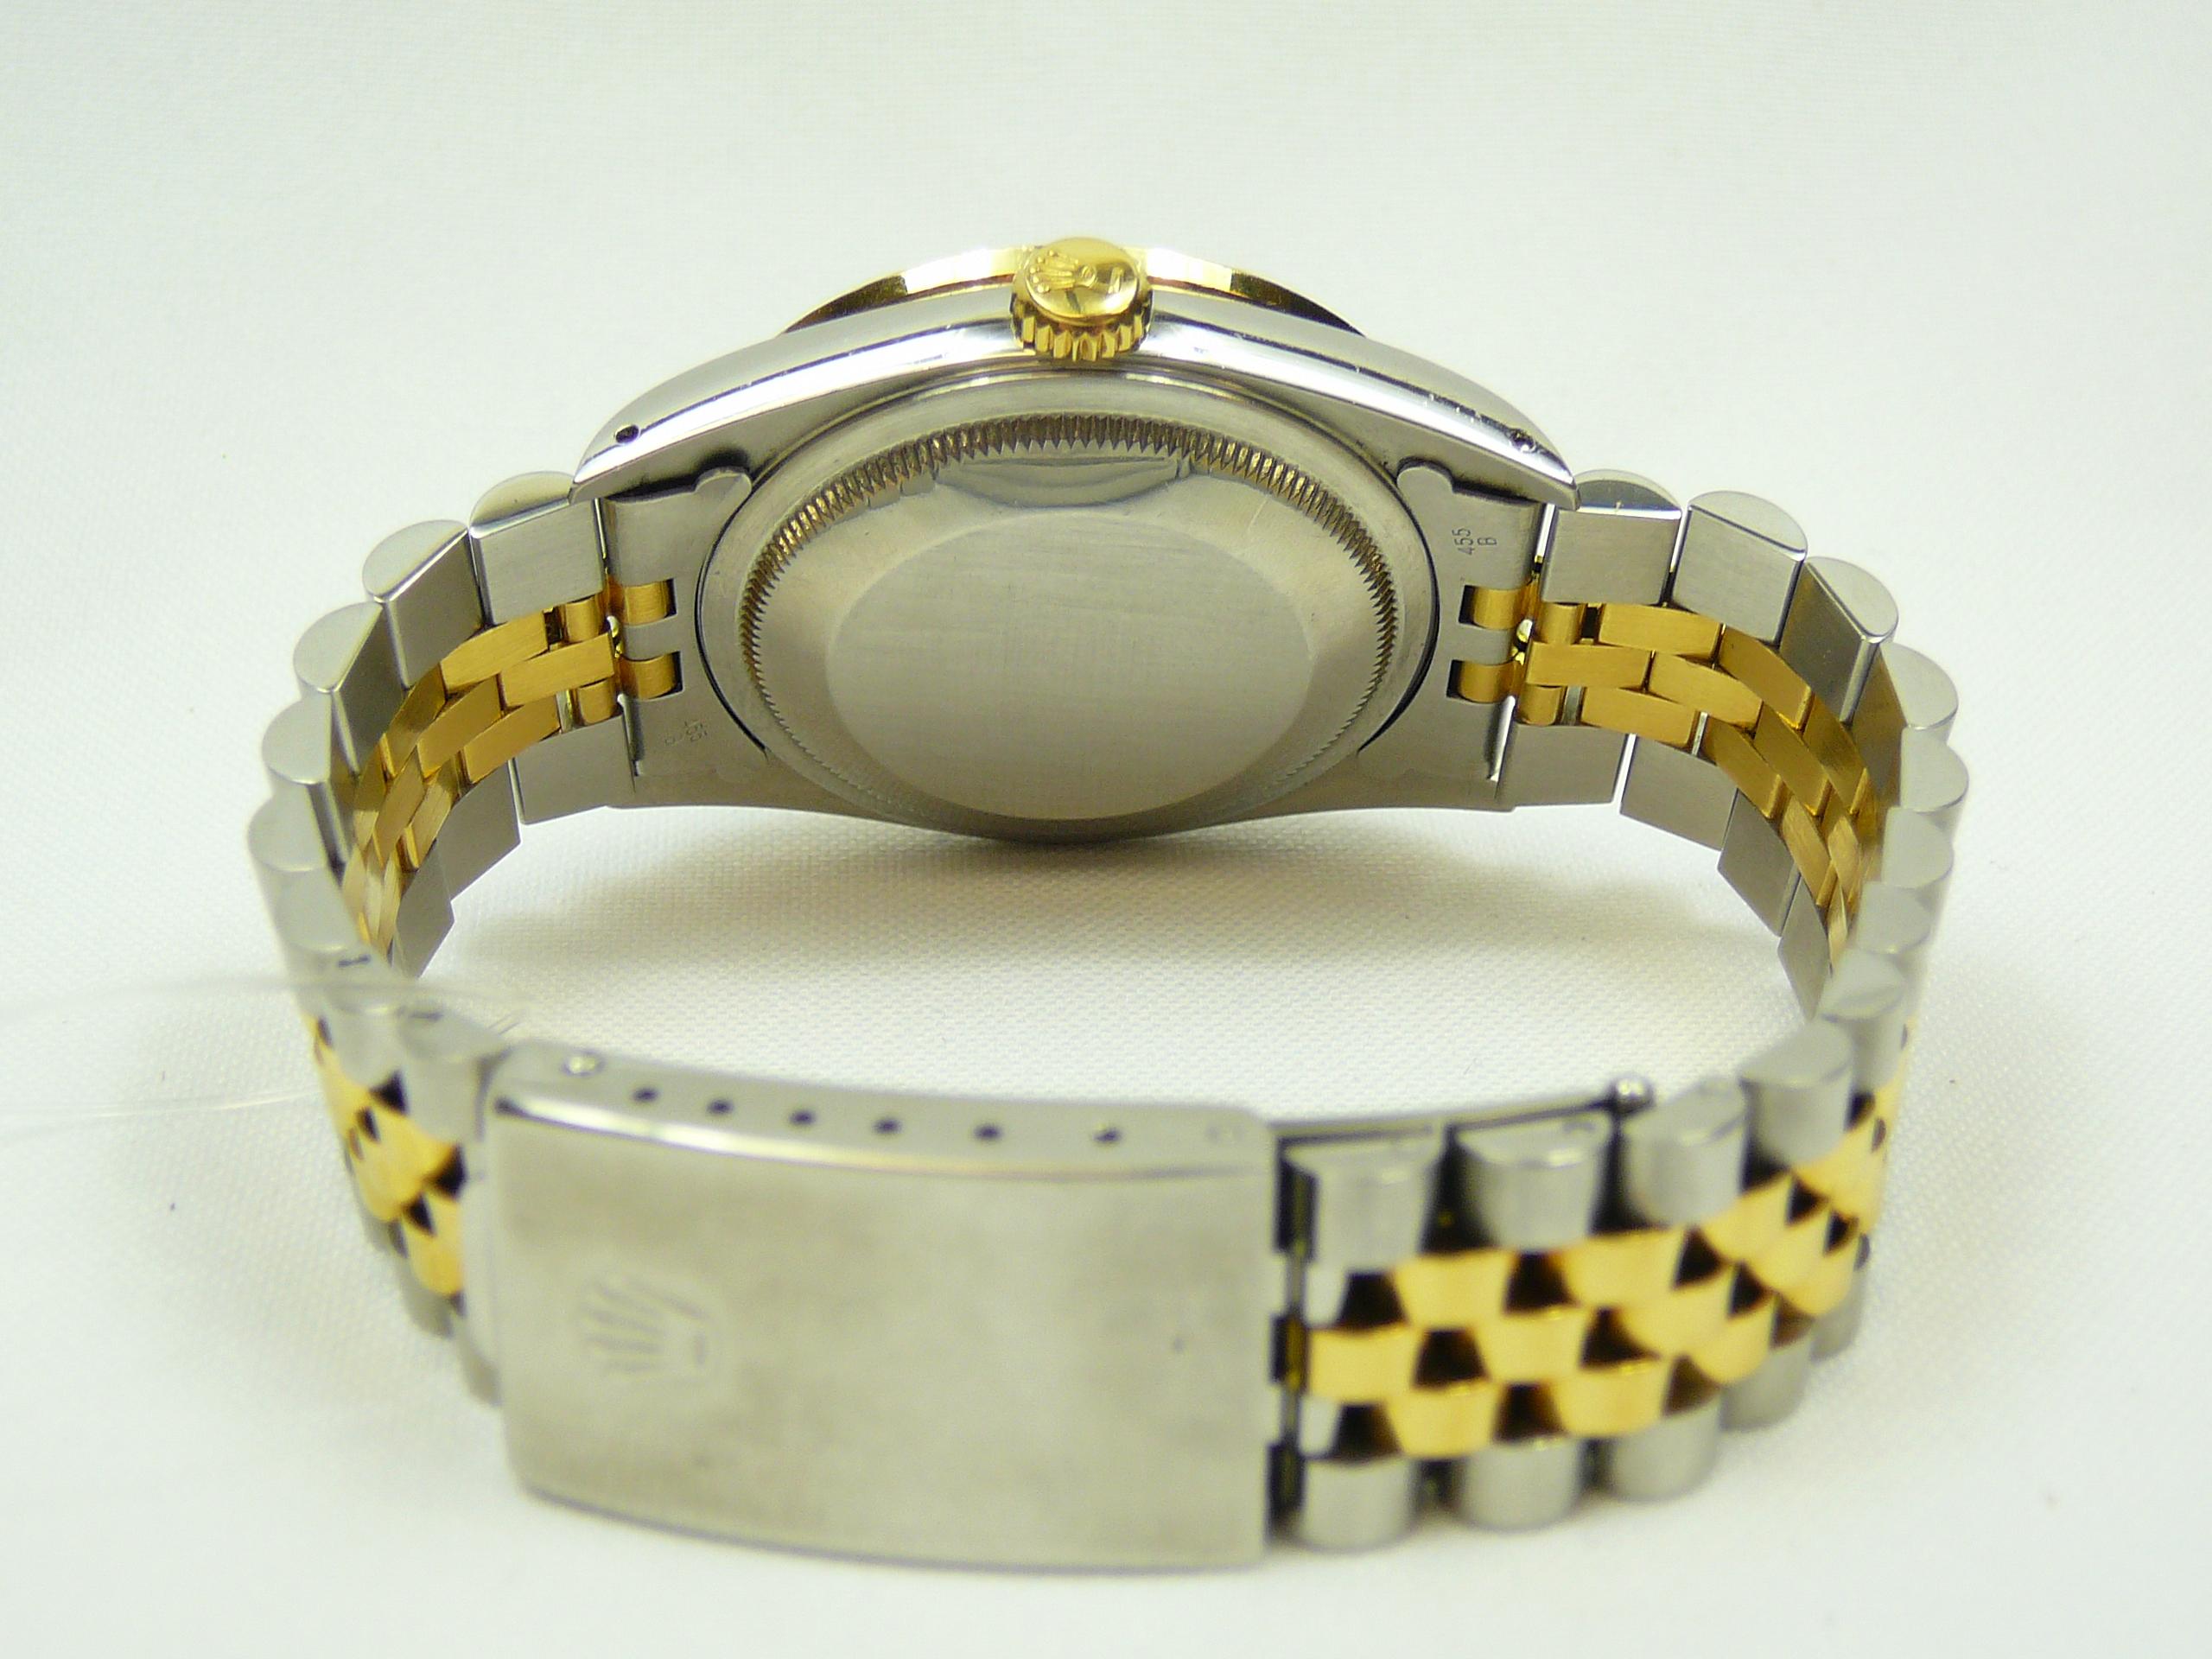 Gents Rolex Wrist Watch - Image 5 of 7